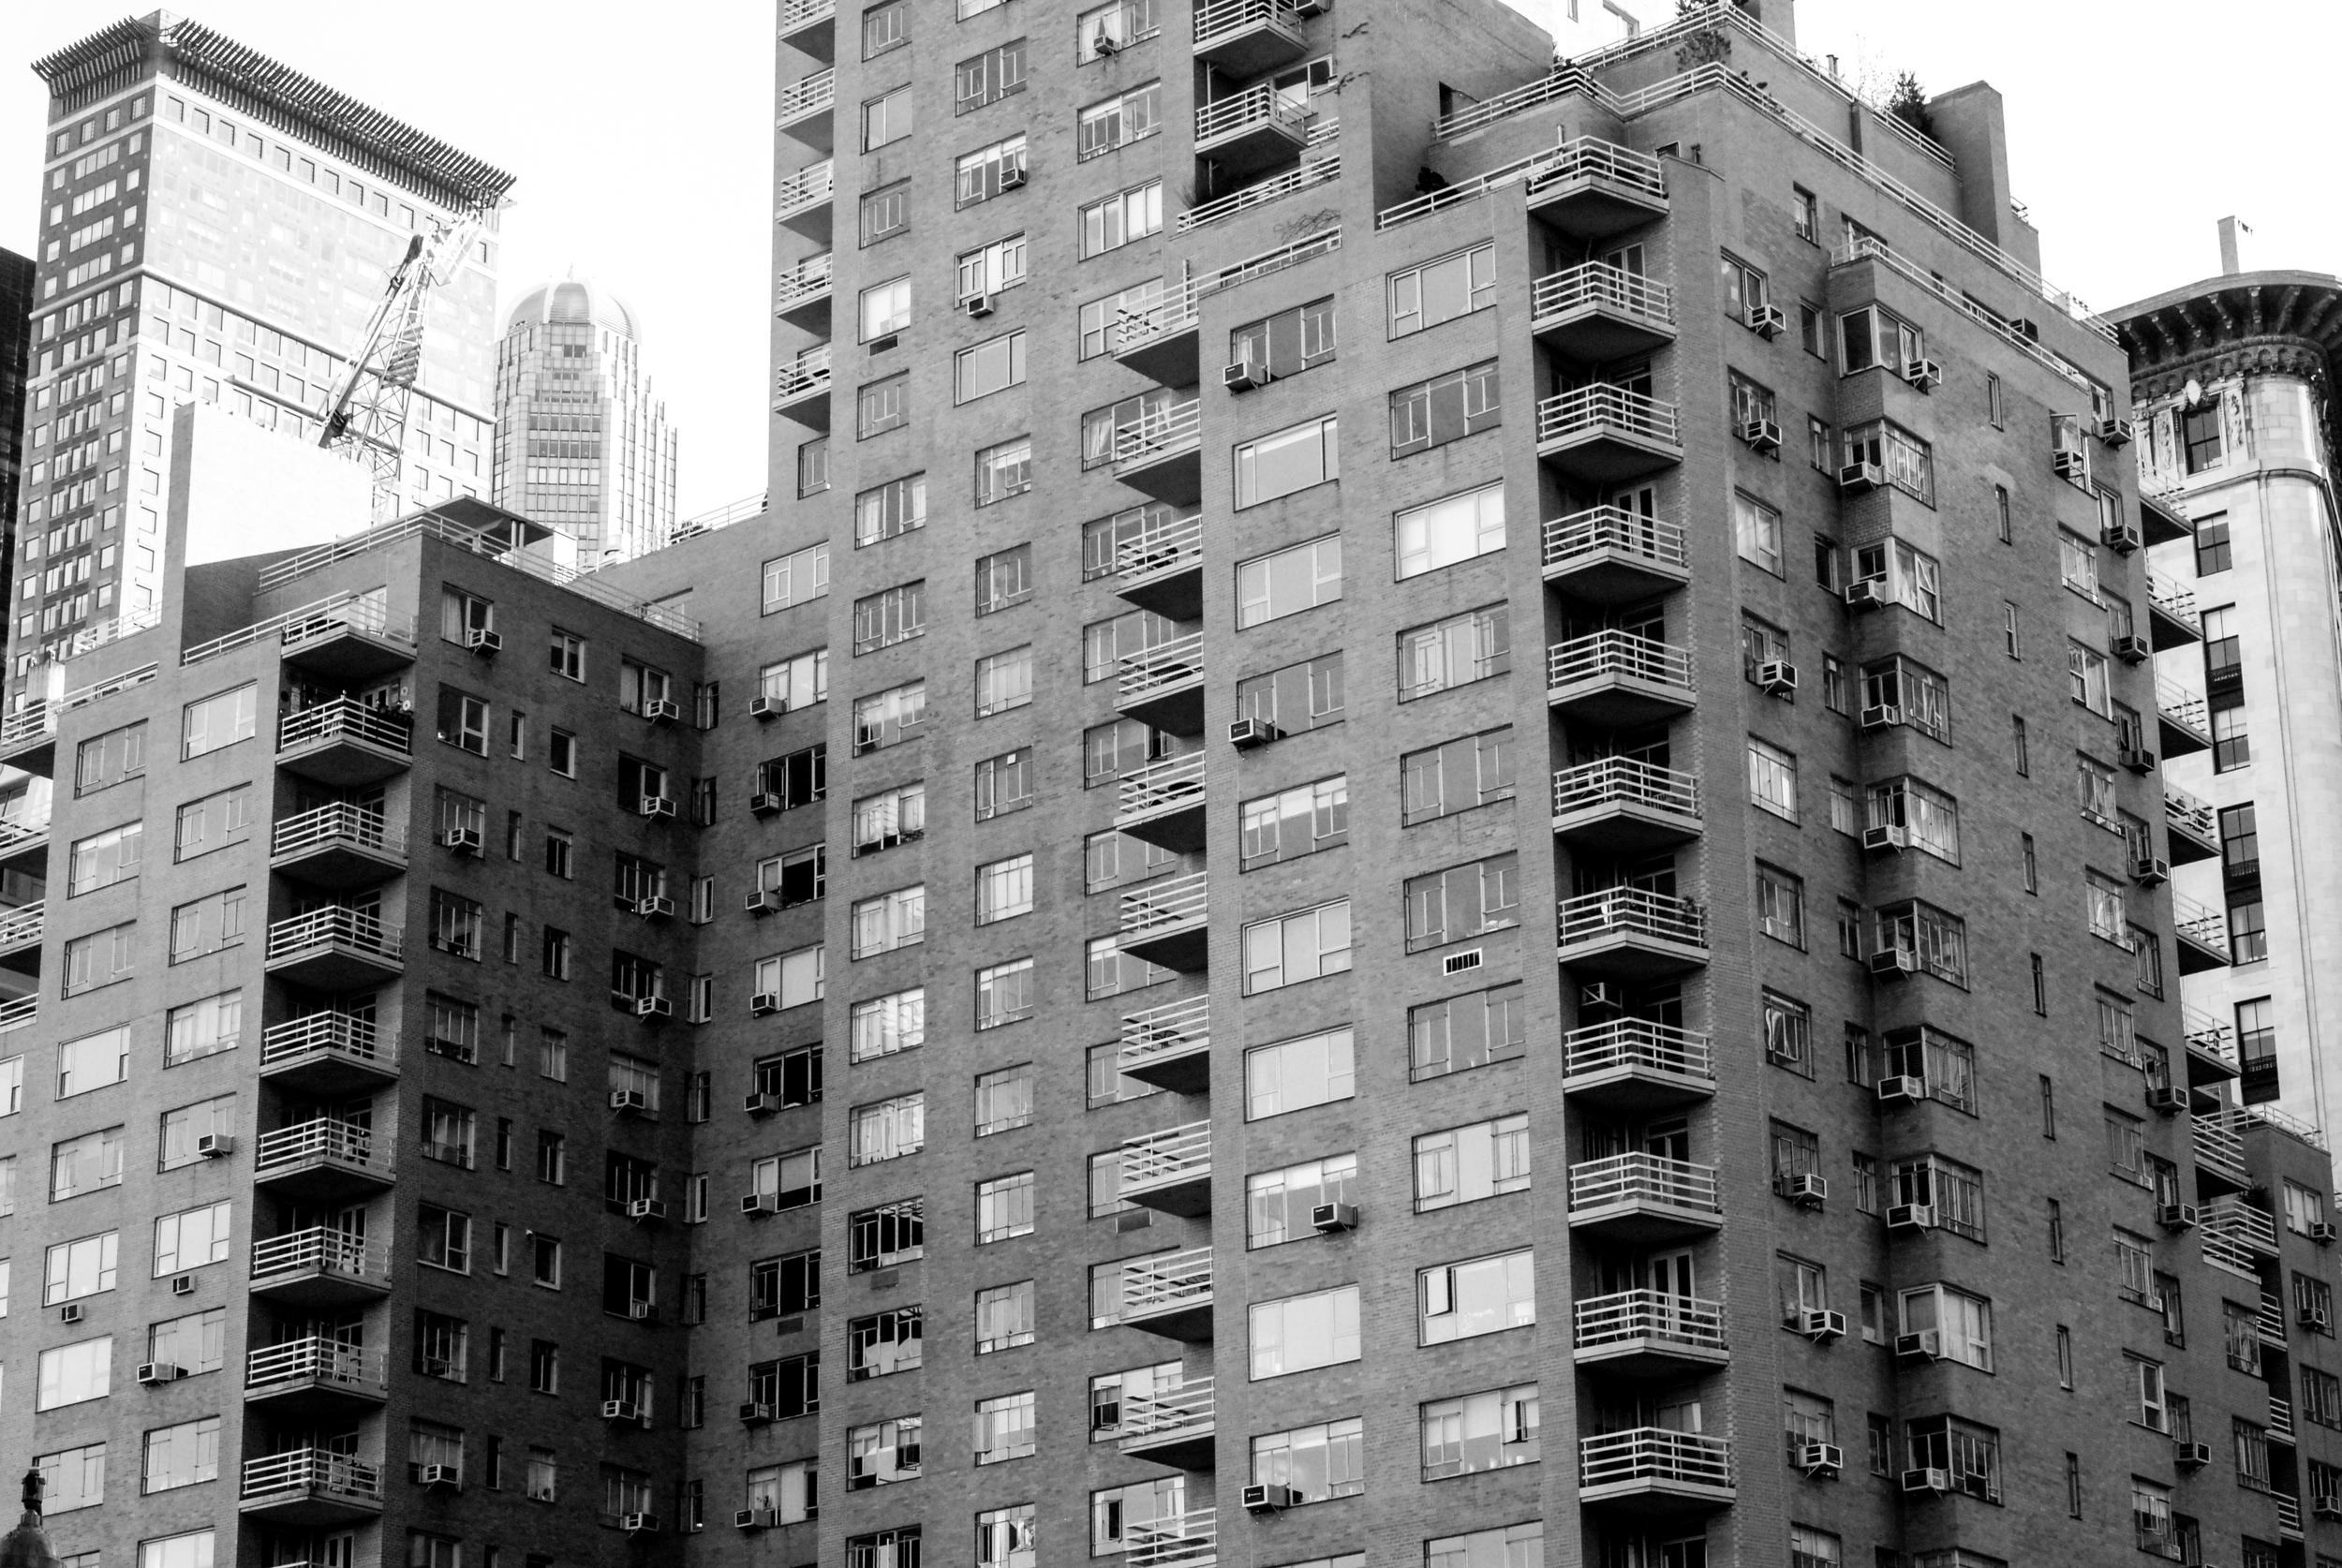 NYC_CityShots-0331.JPG